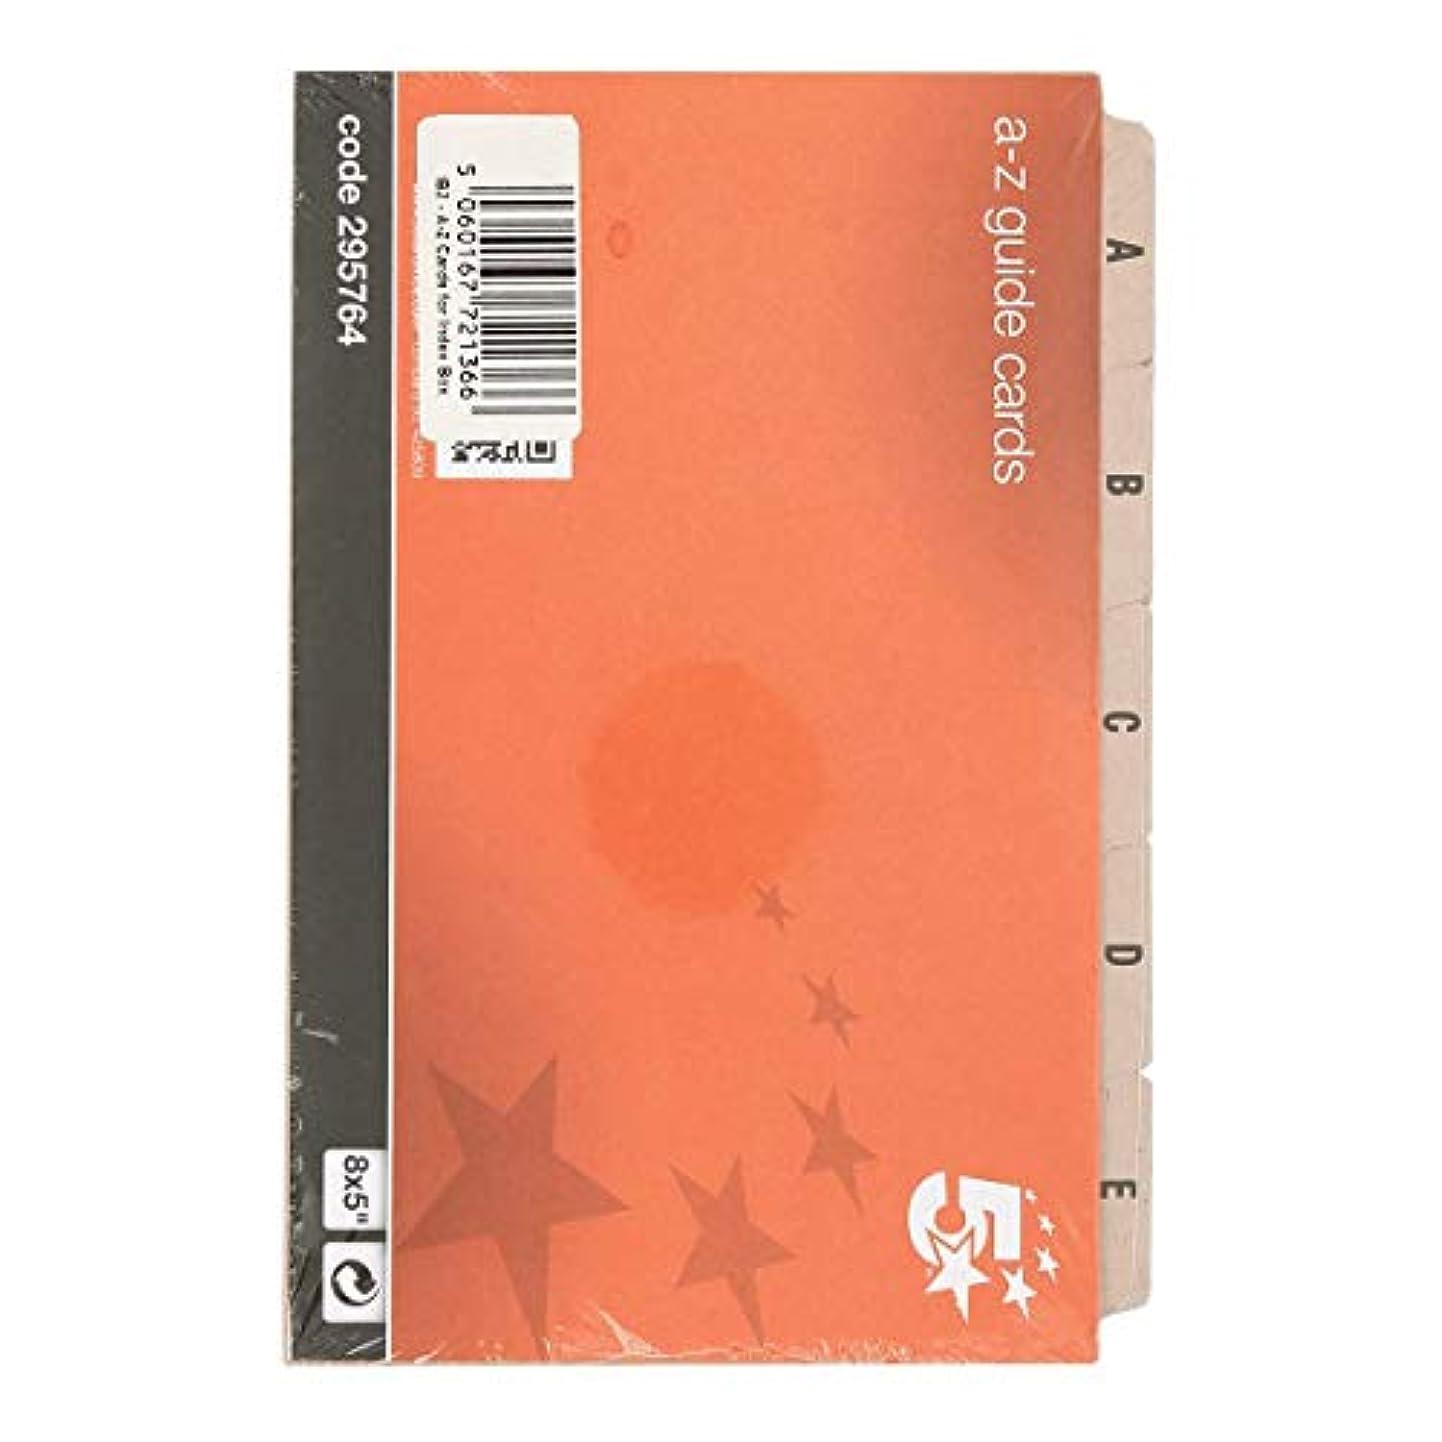 ポータル後世クスクスアジェンダ サロンコンセプト A-zガイドカード[海外直送品] [並行輸入品]